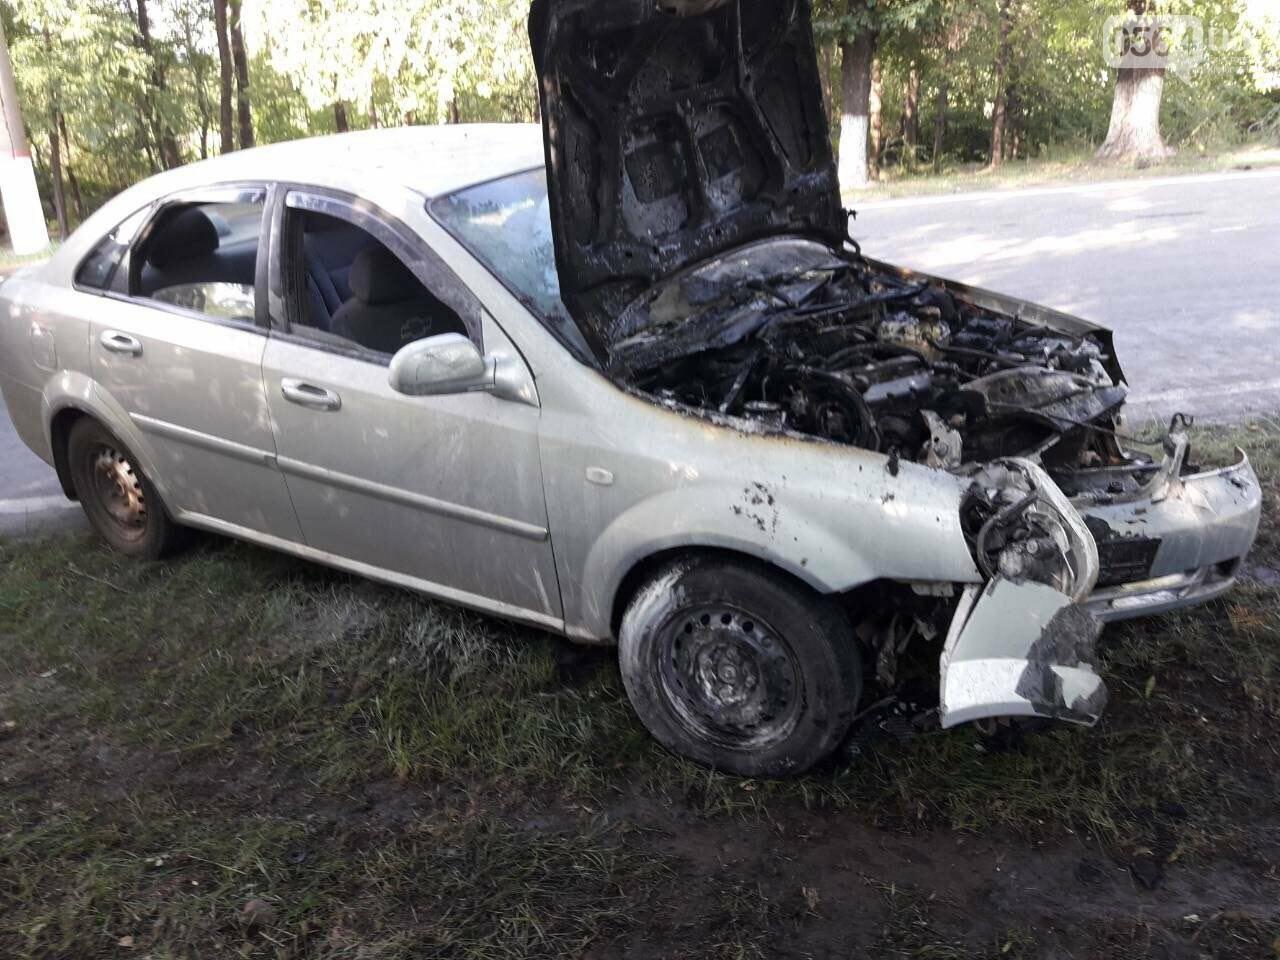 Стало известно, какие травмы получили двое подростков, которые попали в жуткое ДТП в Кривом Роге, - ФОТО, фото-2